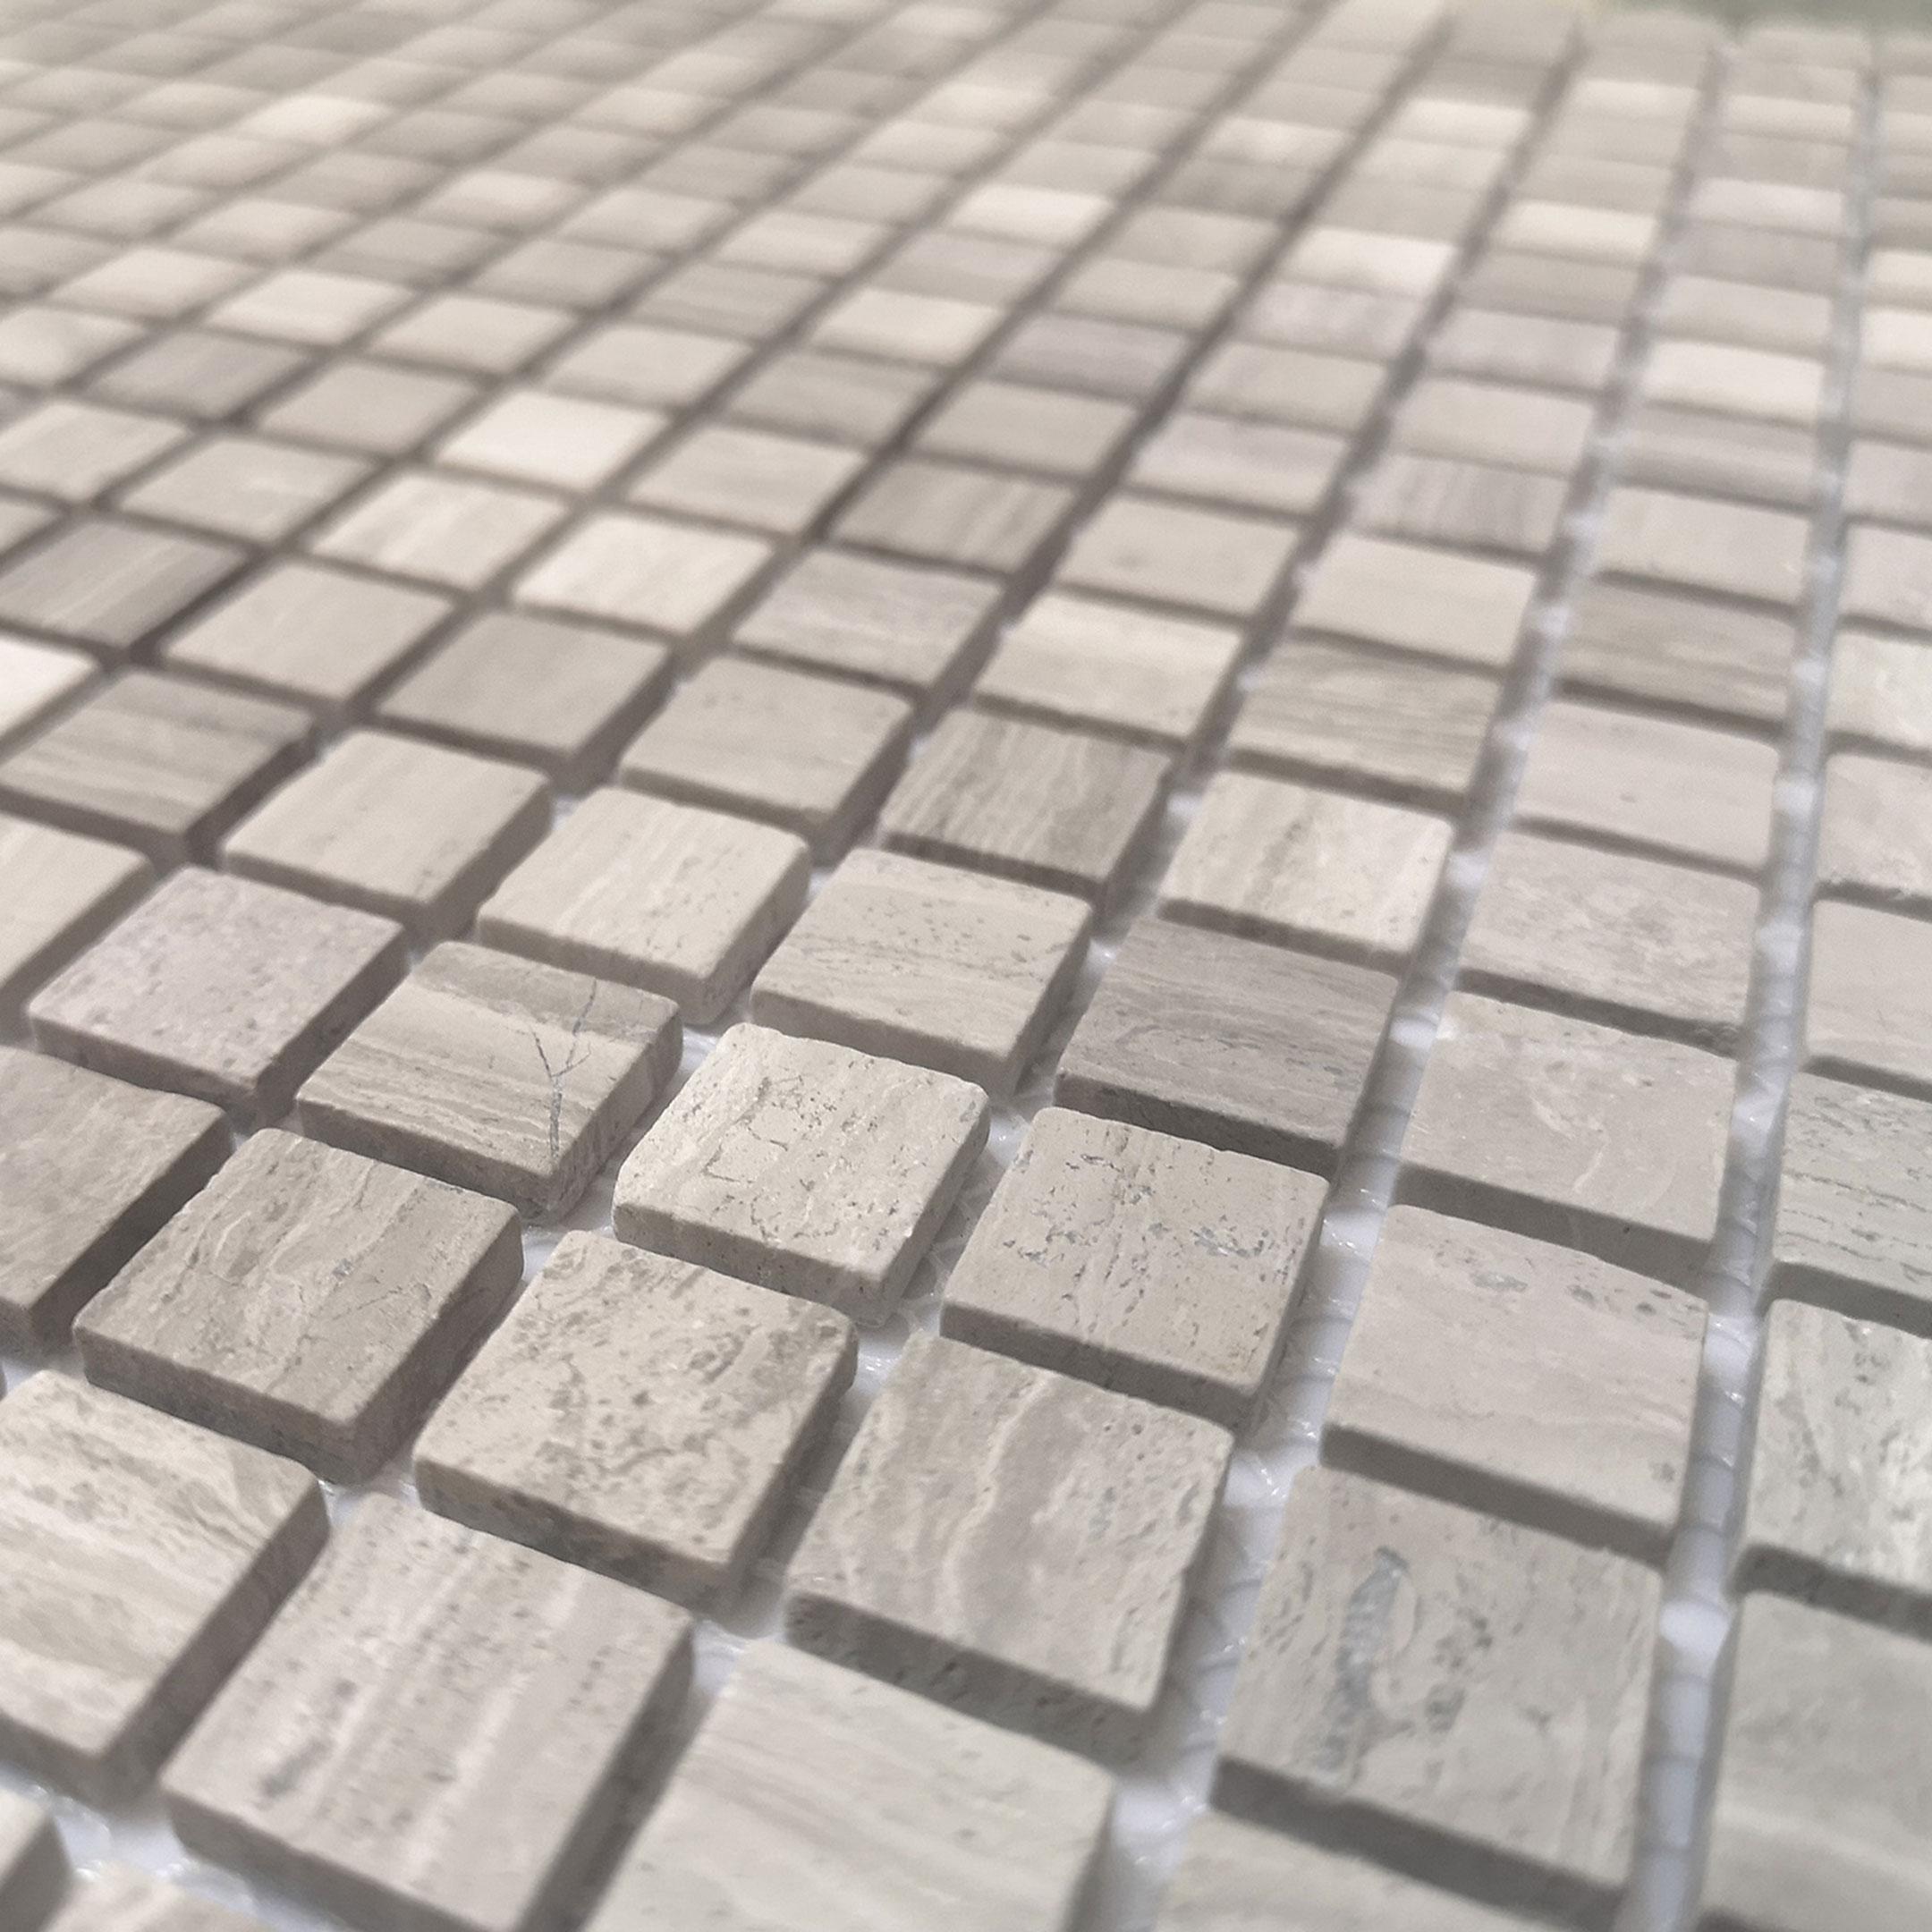 Мозаика Caramelle Travertino Silver песочный мрамор из натурального камня 305х305х4 мм матовая